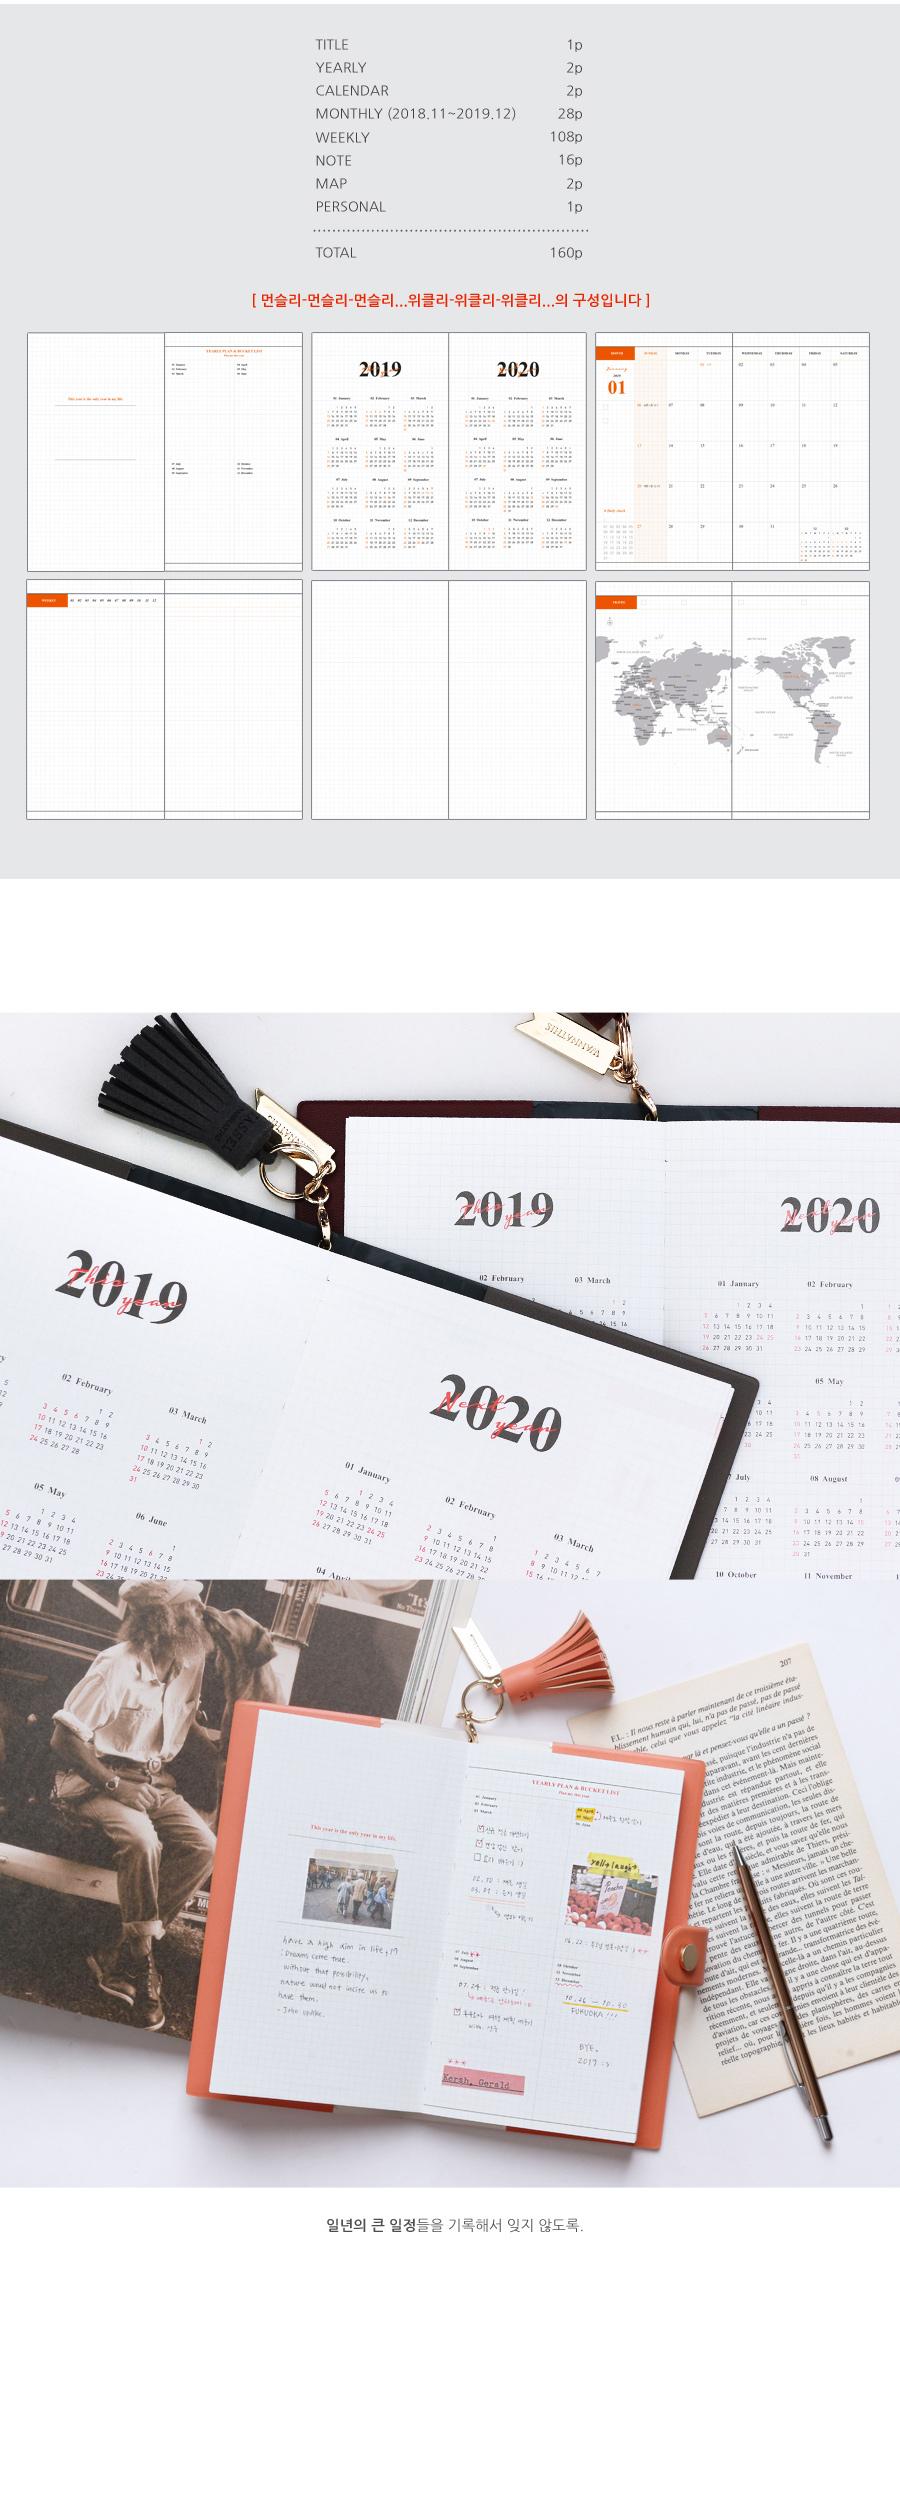 2019 태슬링 다이어리 S19,500원-워너디스디자인문구, 다이어리/캘린더, 2019 다이어리, 심플/베이직바보사랑2019 태슬링 다이어리 S19,500원-워너디스디자인문구, 다이어리/캘린더, 2019 다이어리, 심플/베이직바보사랑